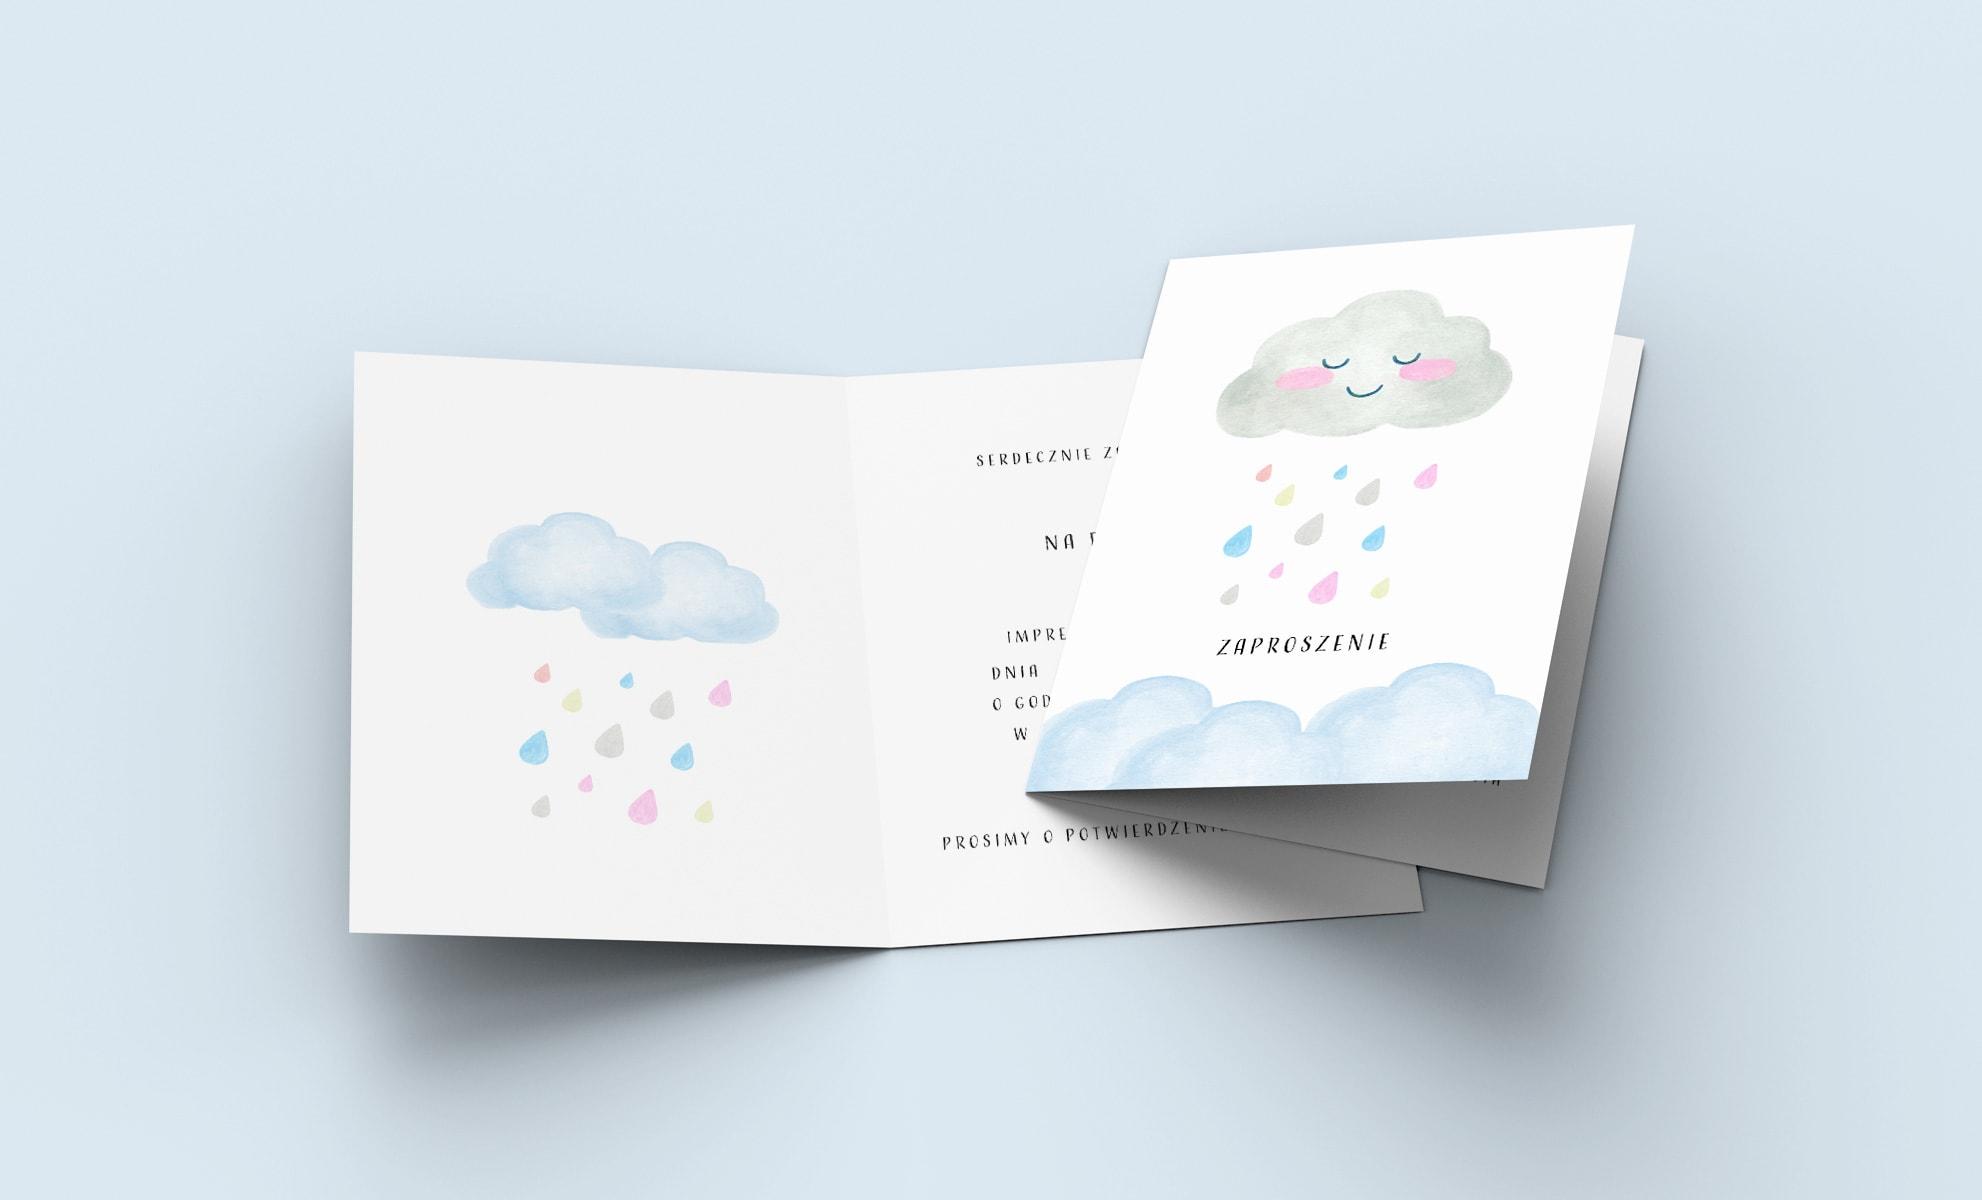 zaproszenia na urodziny, roczek dla dziewczynki, chmurka z kolorowymi kroplami